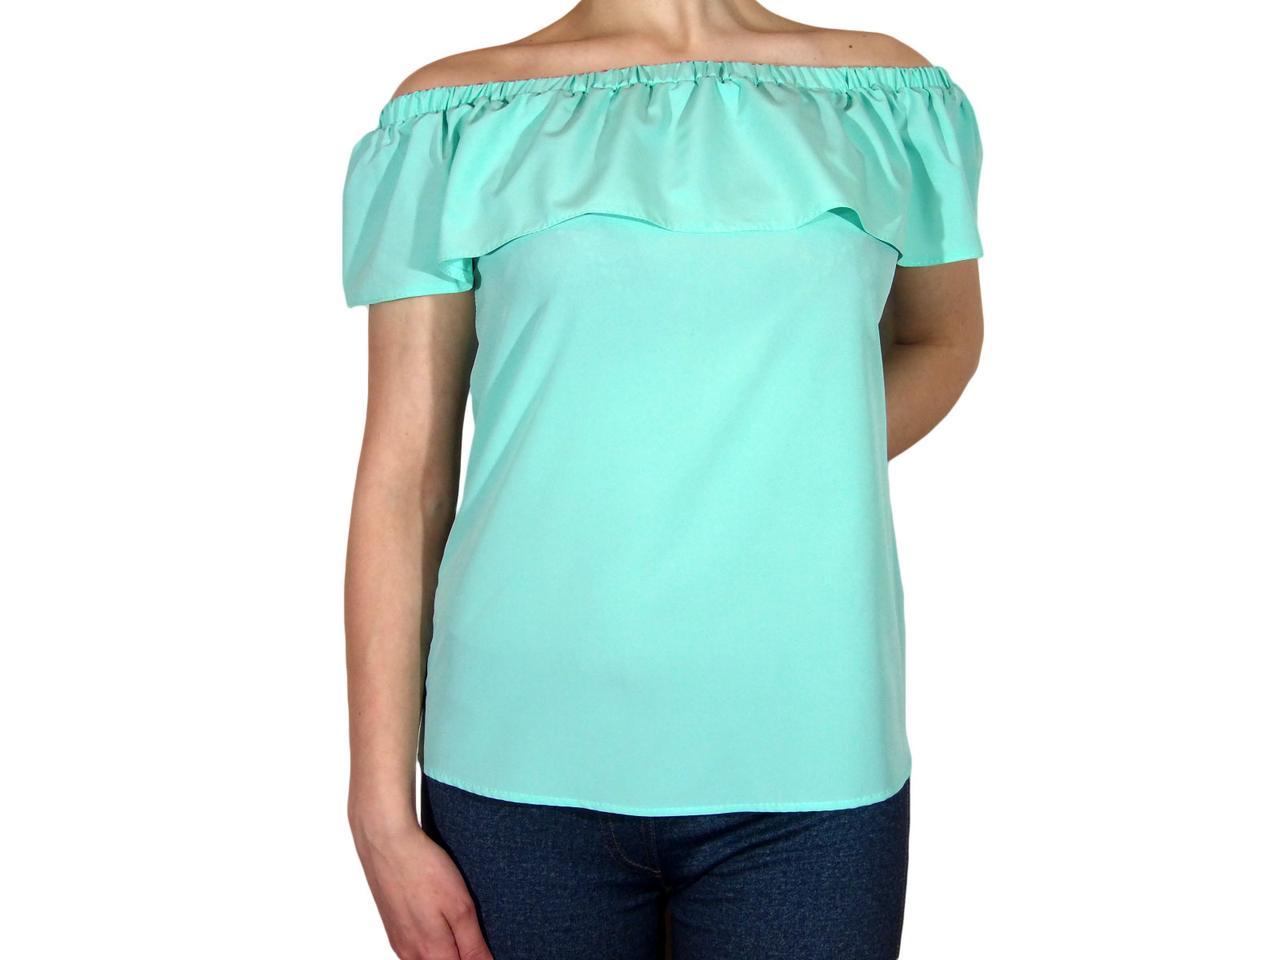 """Женская блузка с воланом и сборкой на плечах тм """"Tasani"""" сочная мята"""